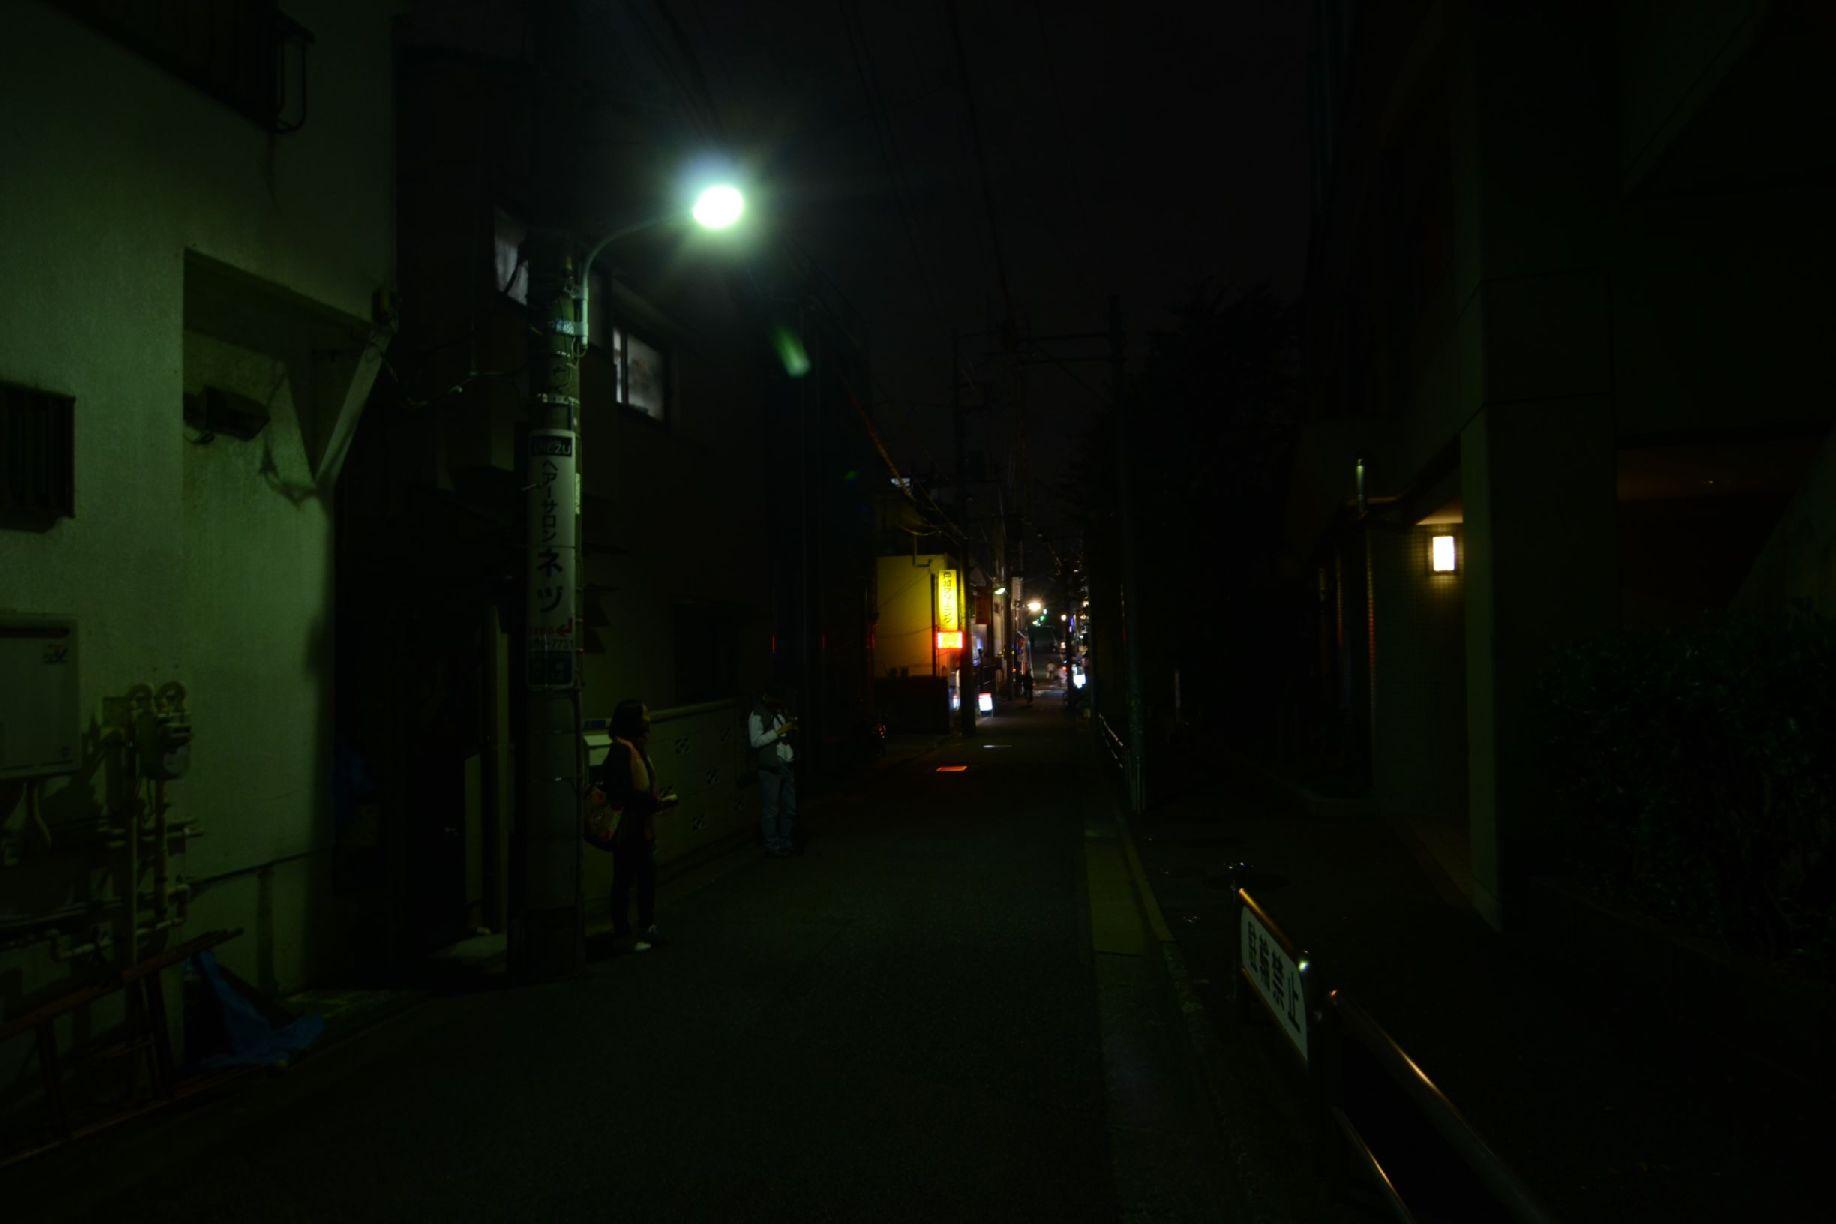 中央街から伸びる道、女性一人で歩くには危険